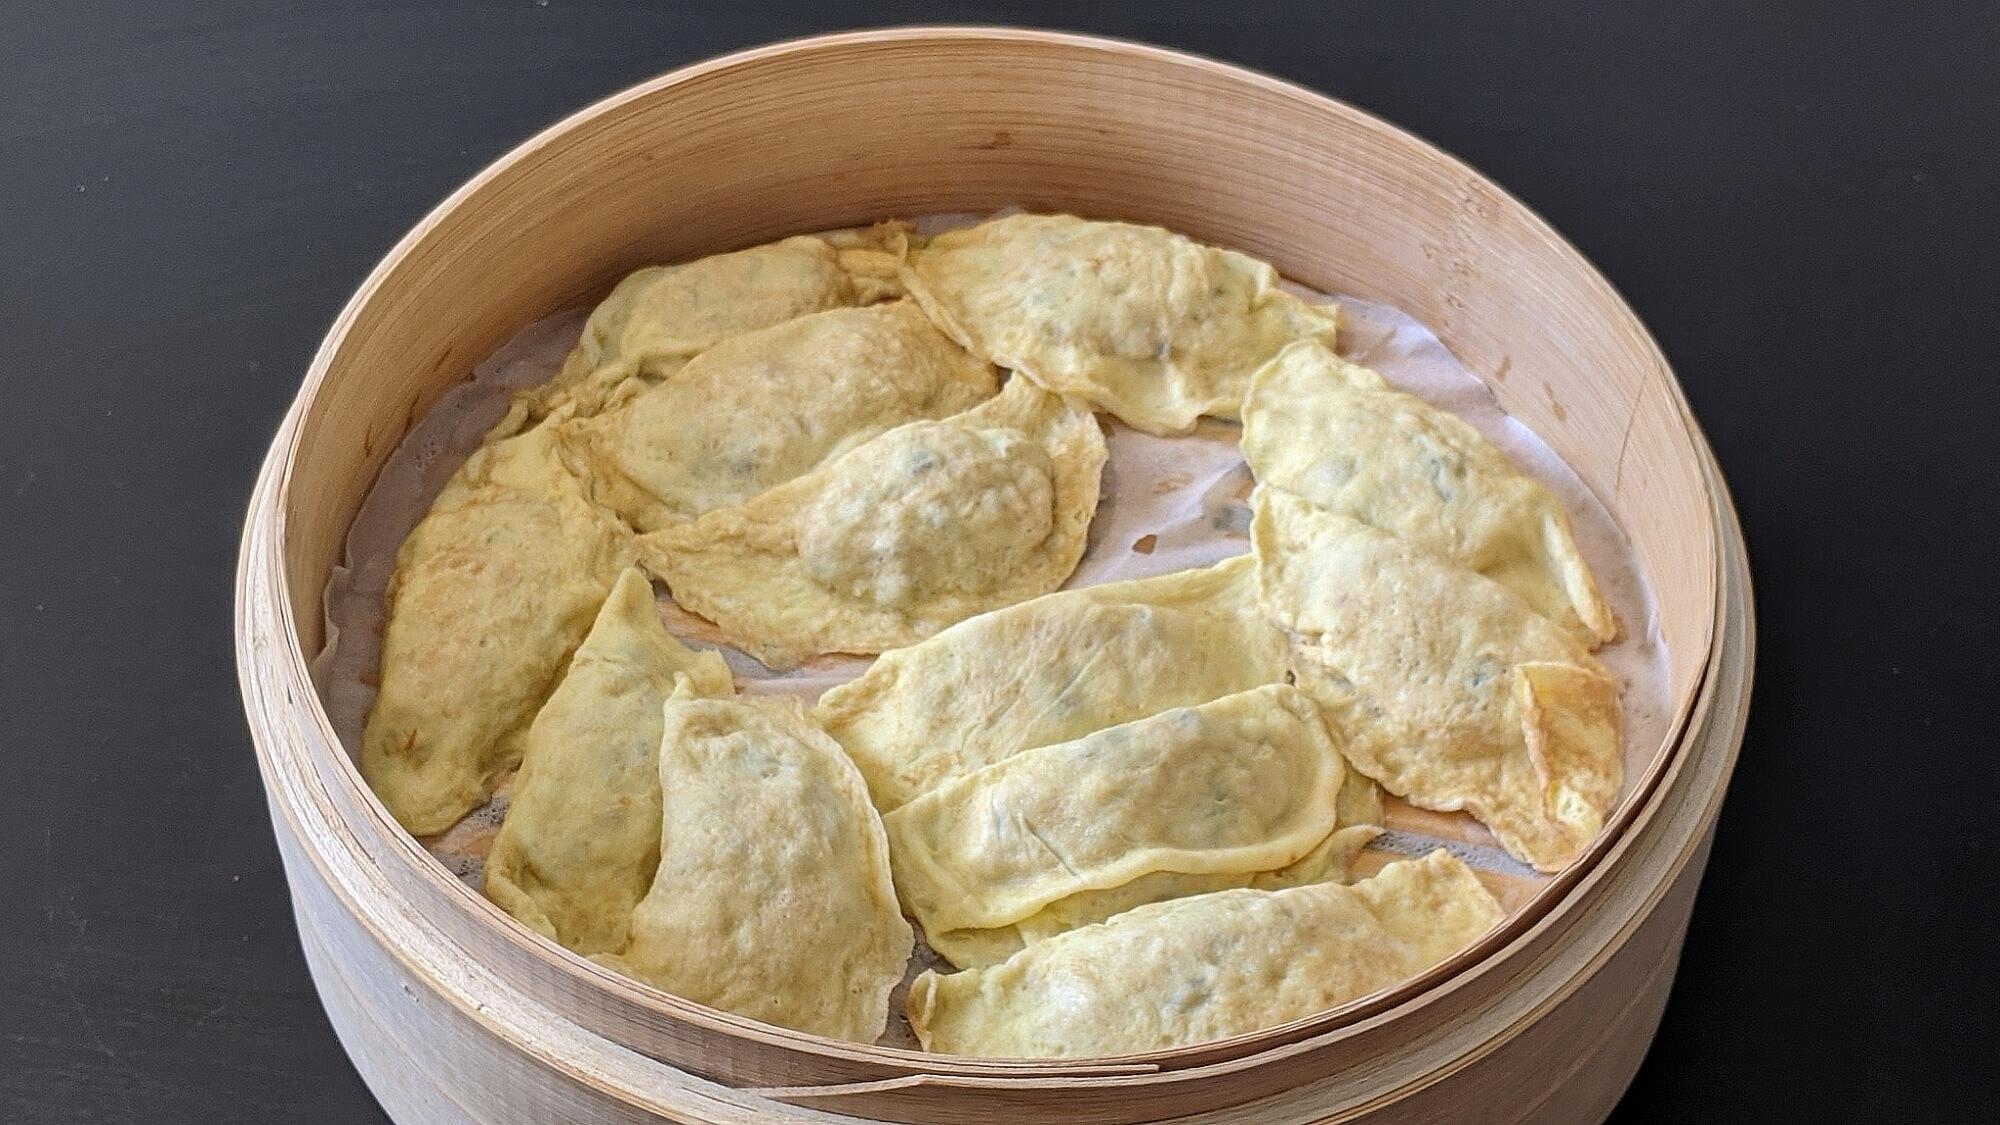 כיסוני ביצים במילוי בשר – Dàn jiǎo של דקלה חיון. צילום: דקלה חיון